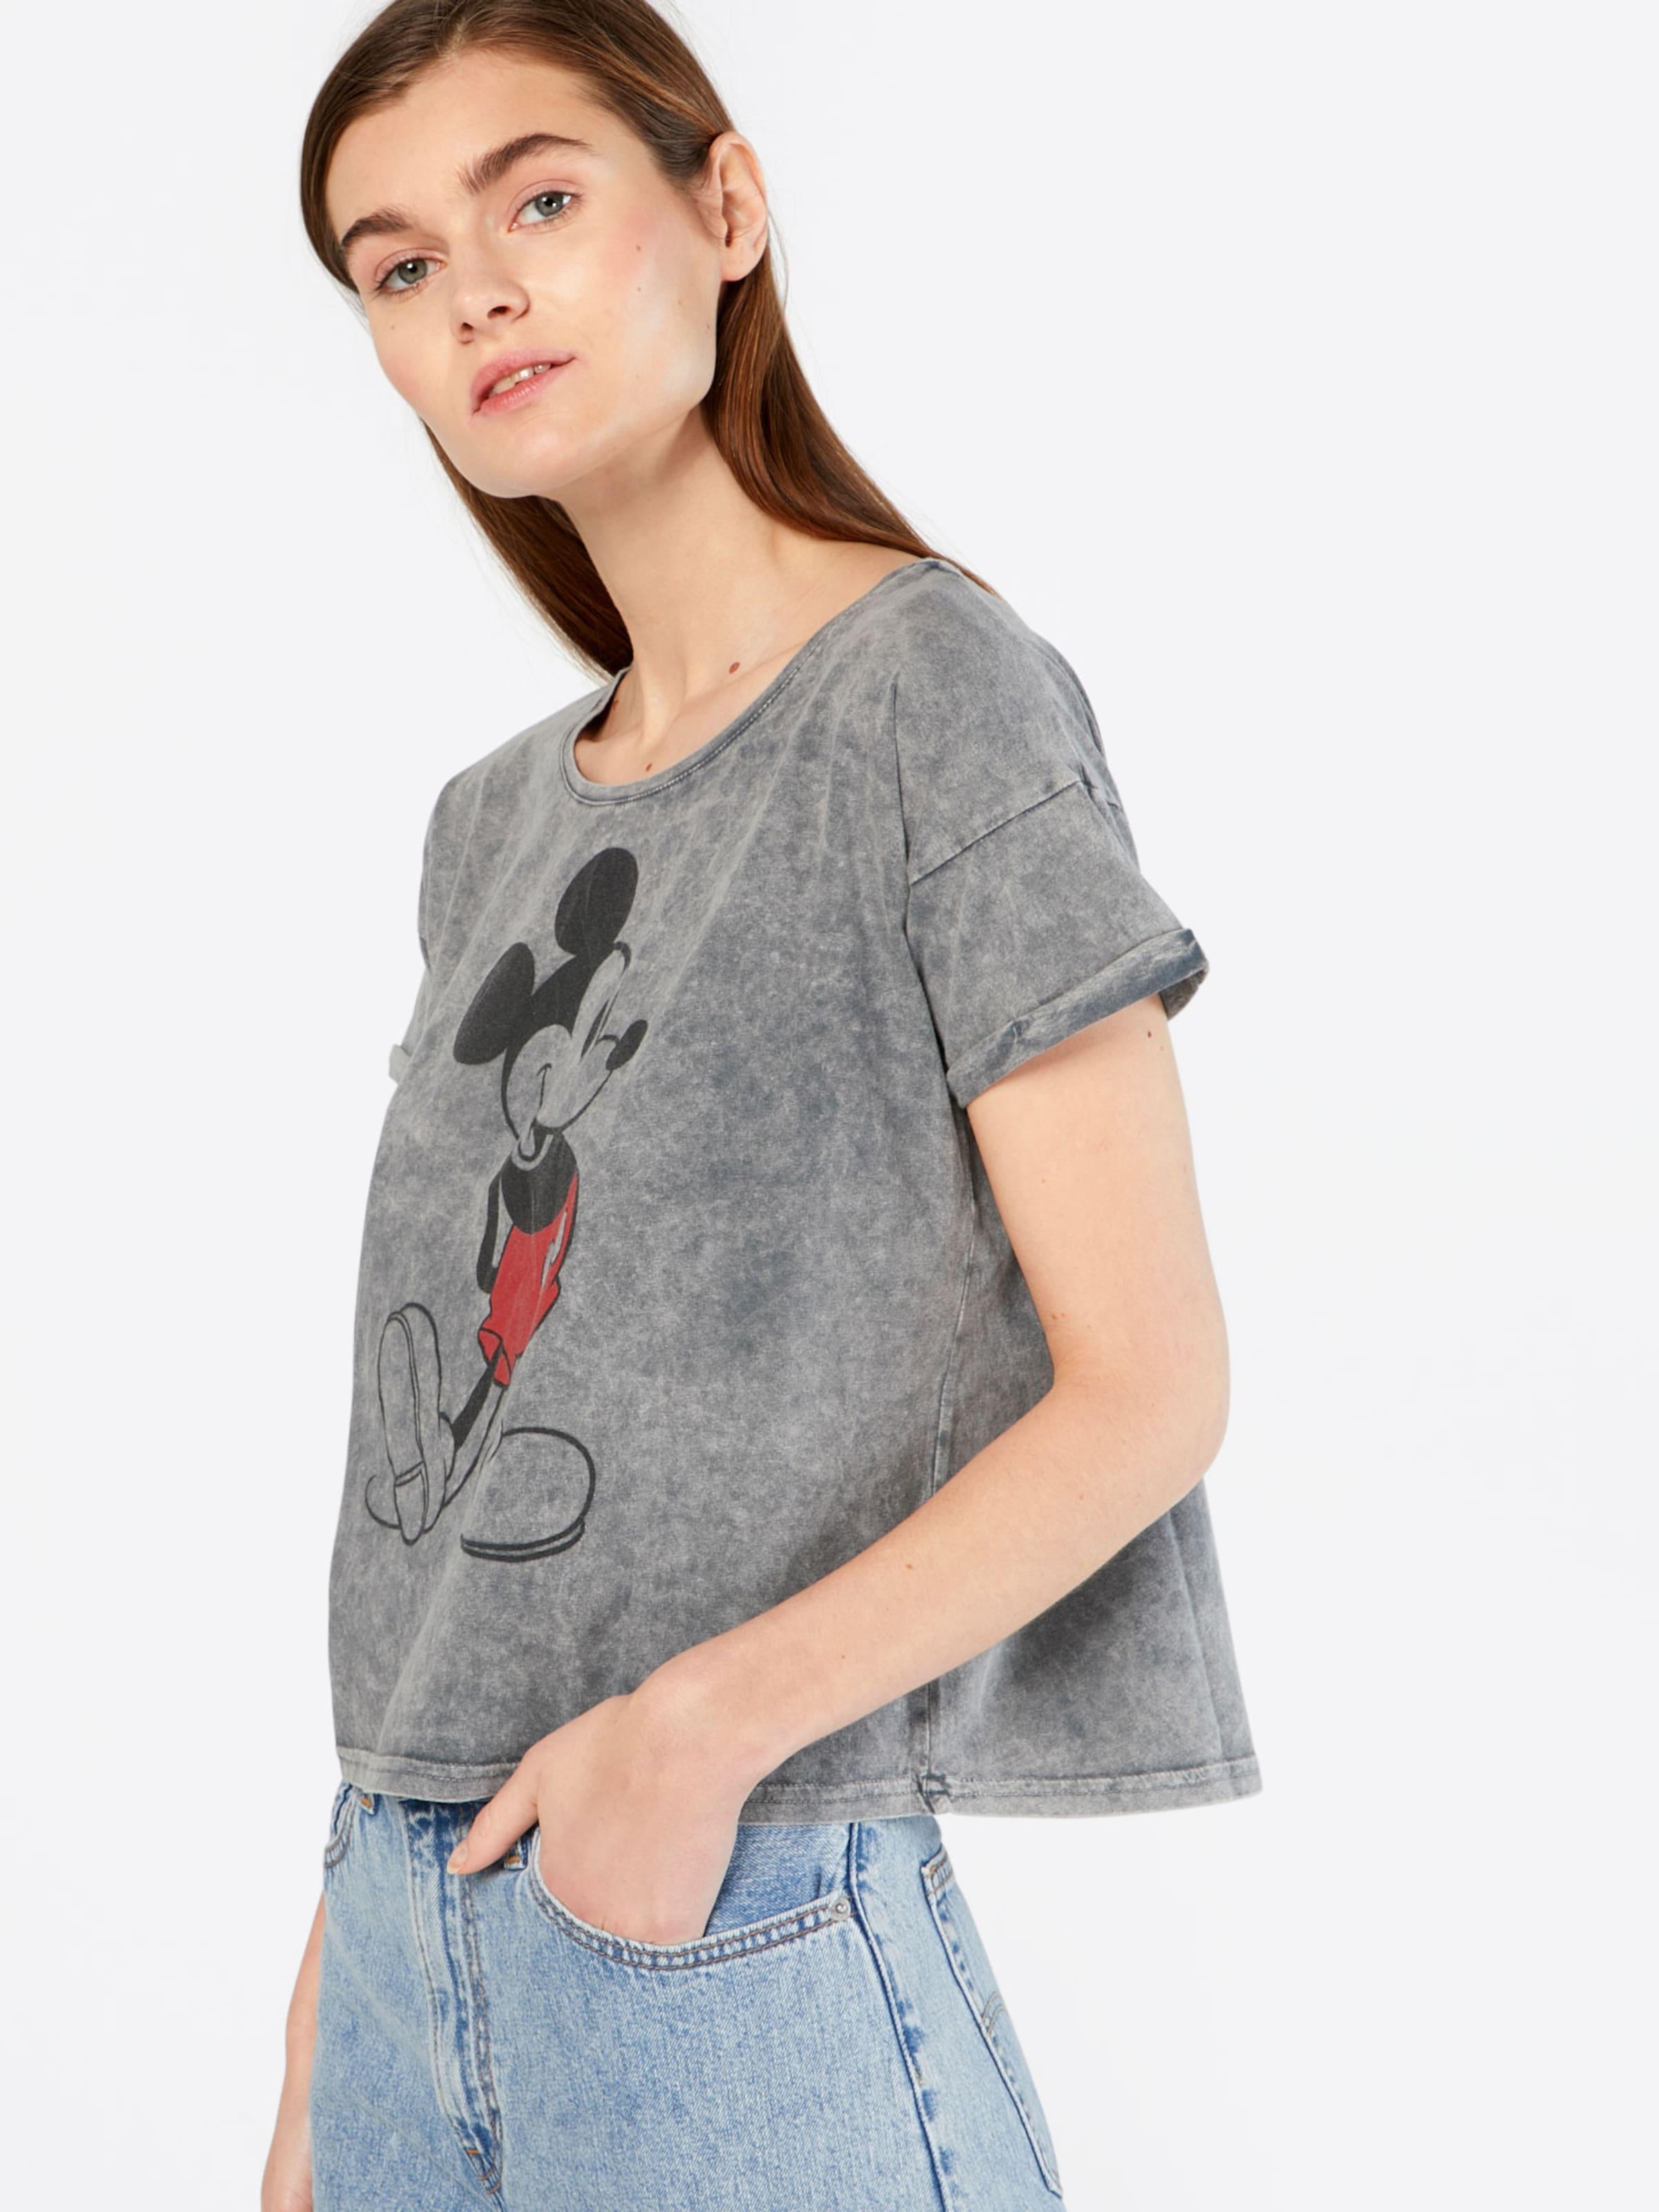 Exklusive Verkauf Online Review Shirt 'T MICKEY ACID' Freies Verschiffen Erhalten Authentisch Rabatt Erwerben 5t56QY